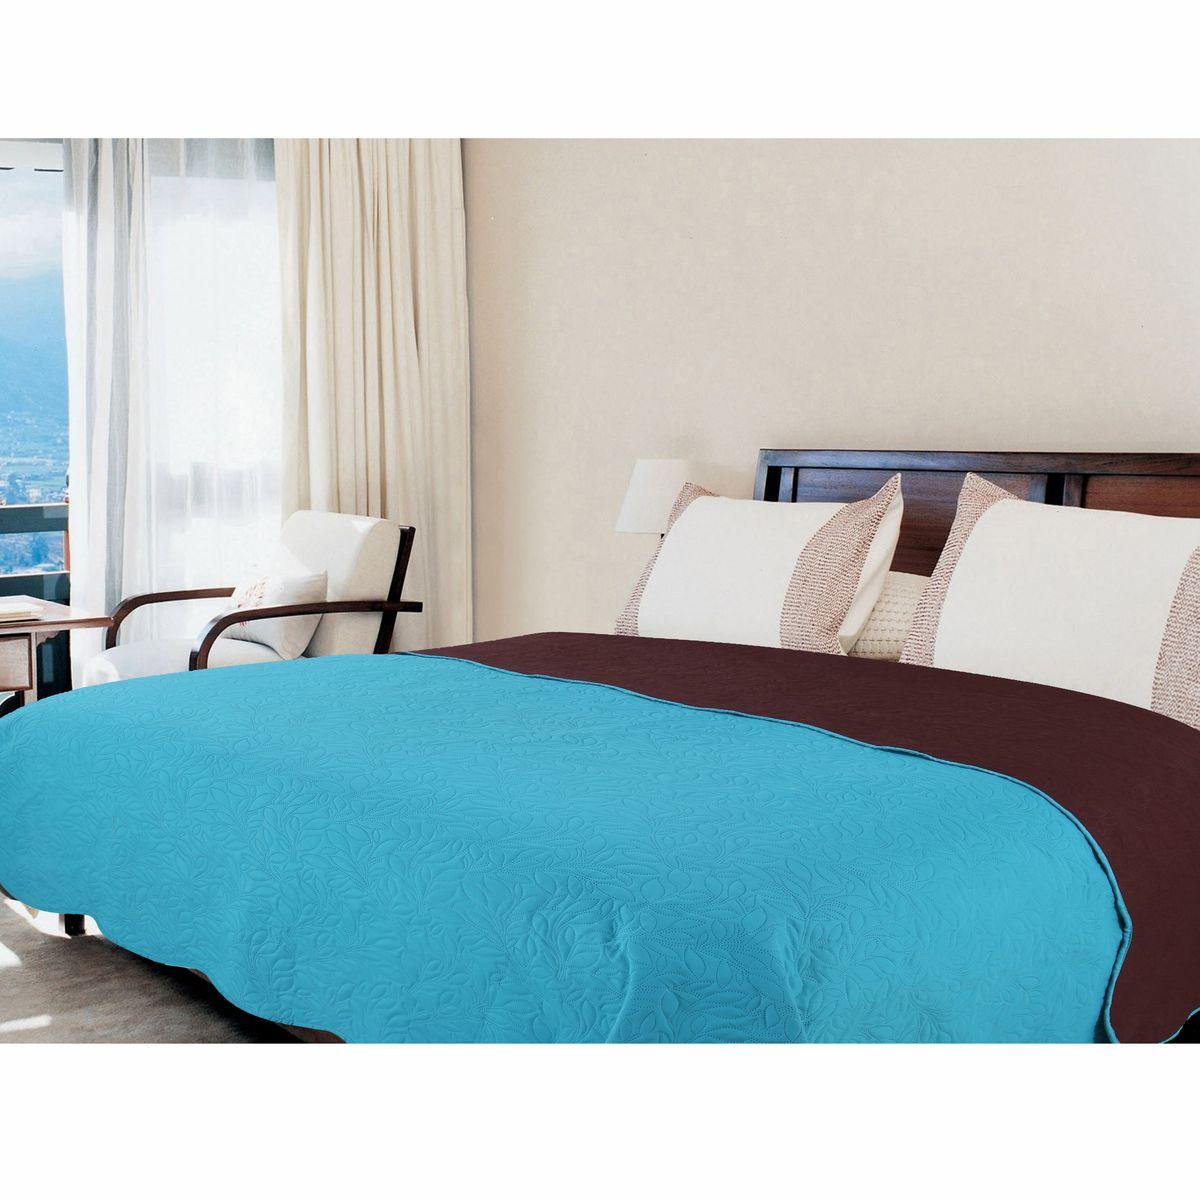 Покрывало Amore Mio Alba, цвет: голубой, коричневый,160 х 200 см. 7543375433Покрывала Multi Amore Mio - Идеальное Решение для современного интерьера! Amore Mio – Комфорт и Уют - Каждый день! Amore Mio предлагает оценить соотношение цены и качества коллекции. Разнообразие ярких и современных дизайнов прослужат не один год и всегда будут радовать Вас и Ваших близких сочностью красок и красивым рисунком. Покрывало Multi Amore Mio - однотонное, с кантом. Каждая сторона имеет свой цвет, поэтому настроение можно поменять, лишь перевернув покрывало на другую сторону. Покрывало приятное, мягкое, легкое, может послужить не только на кровати, но и в качестве облегченного одеяла, а также как дорожного пледа, великолепно в качестве покрывала для пикников. Занимает мало места, легко стирается, неприхотливо в уходе, приятным бонусом станет низкая цена.